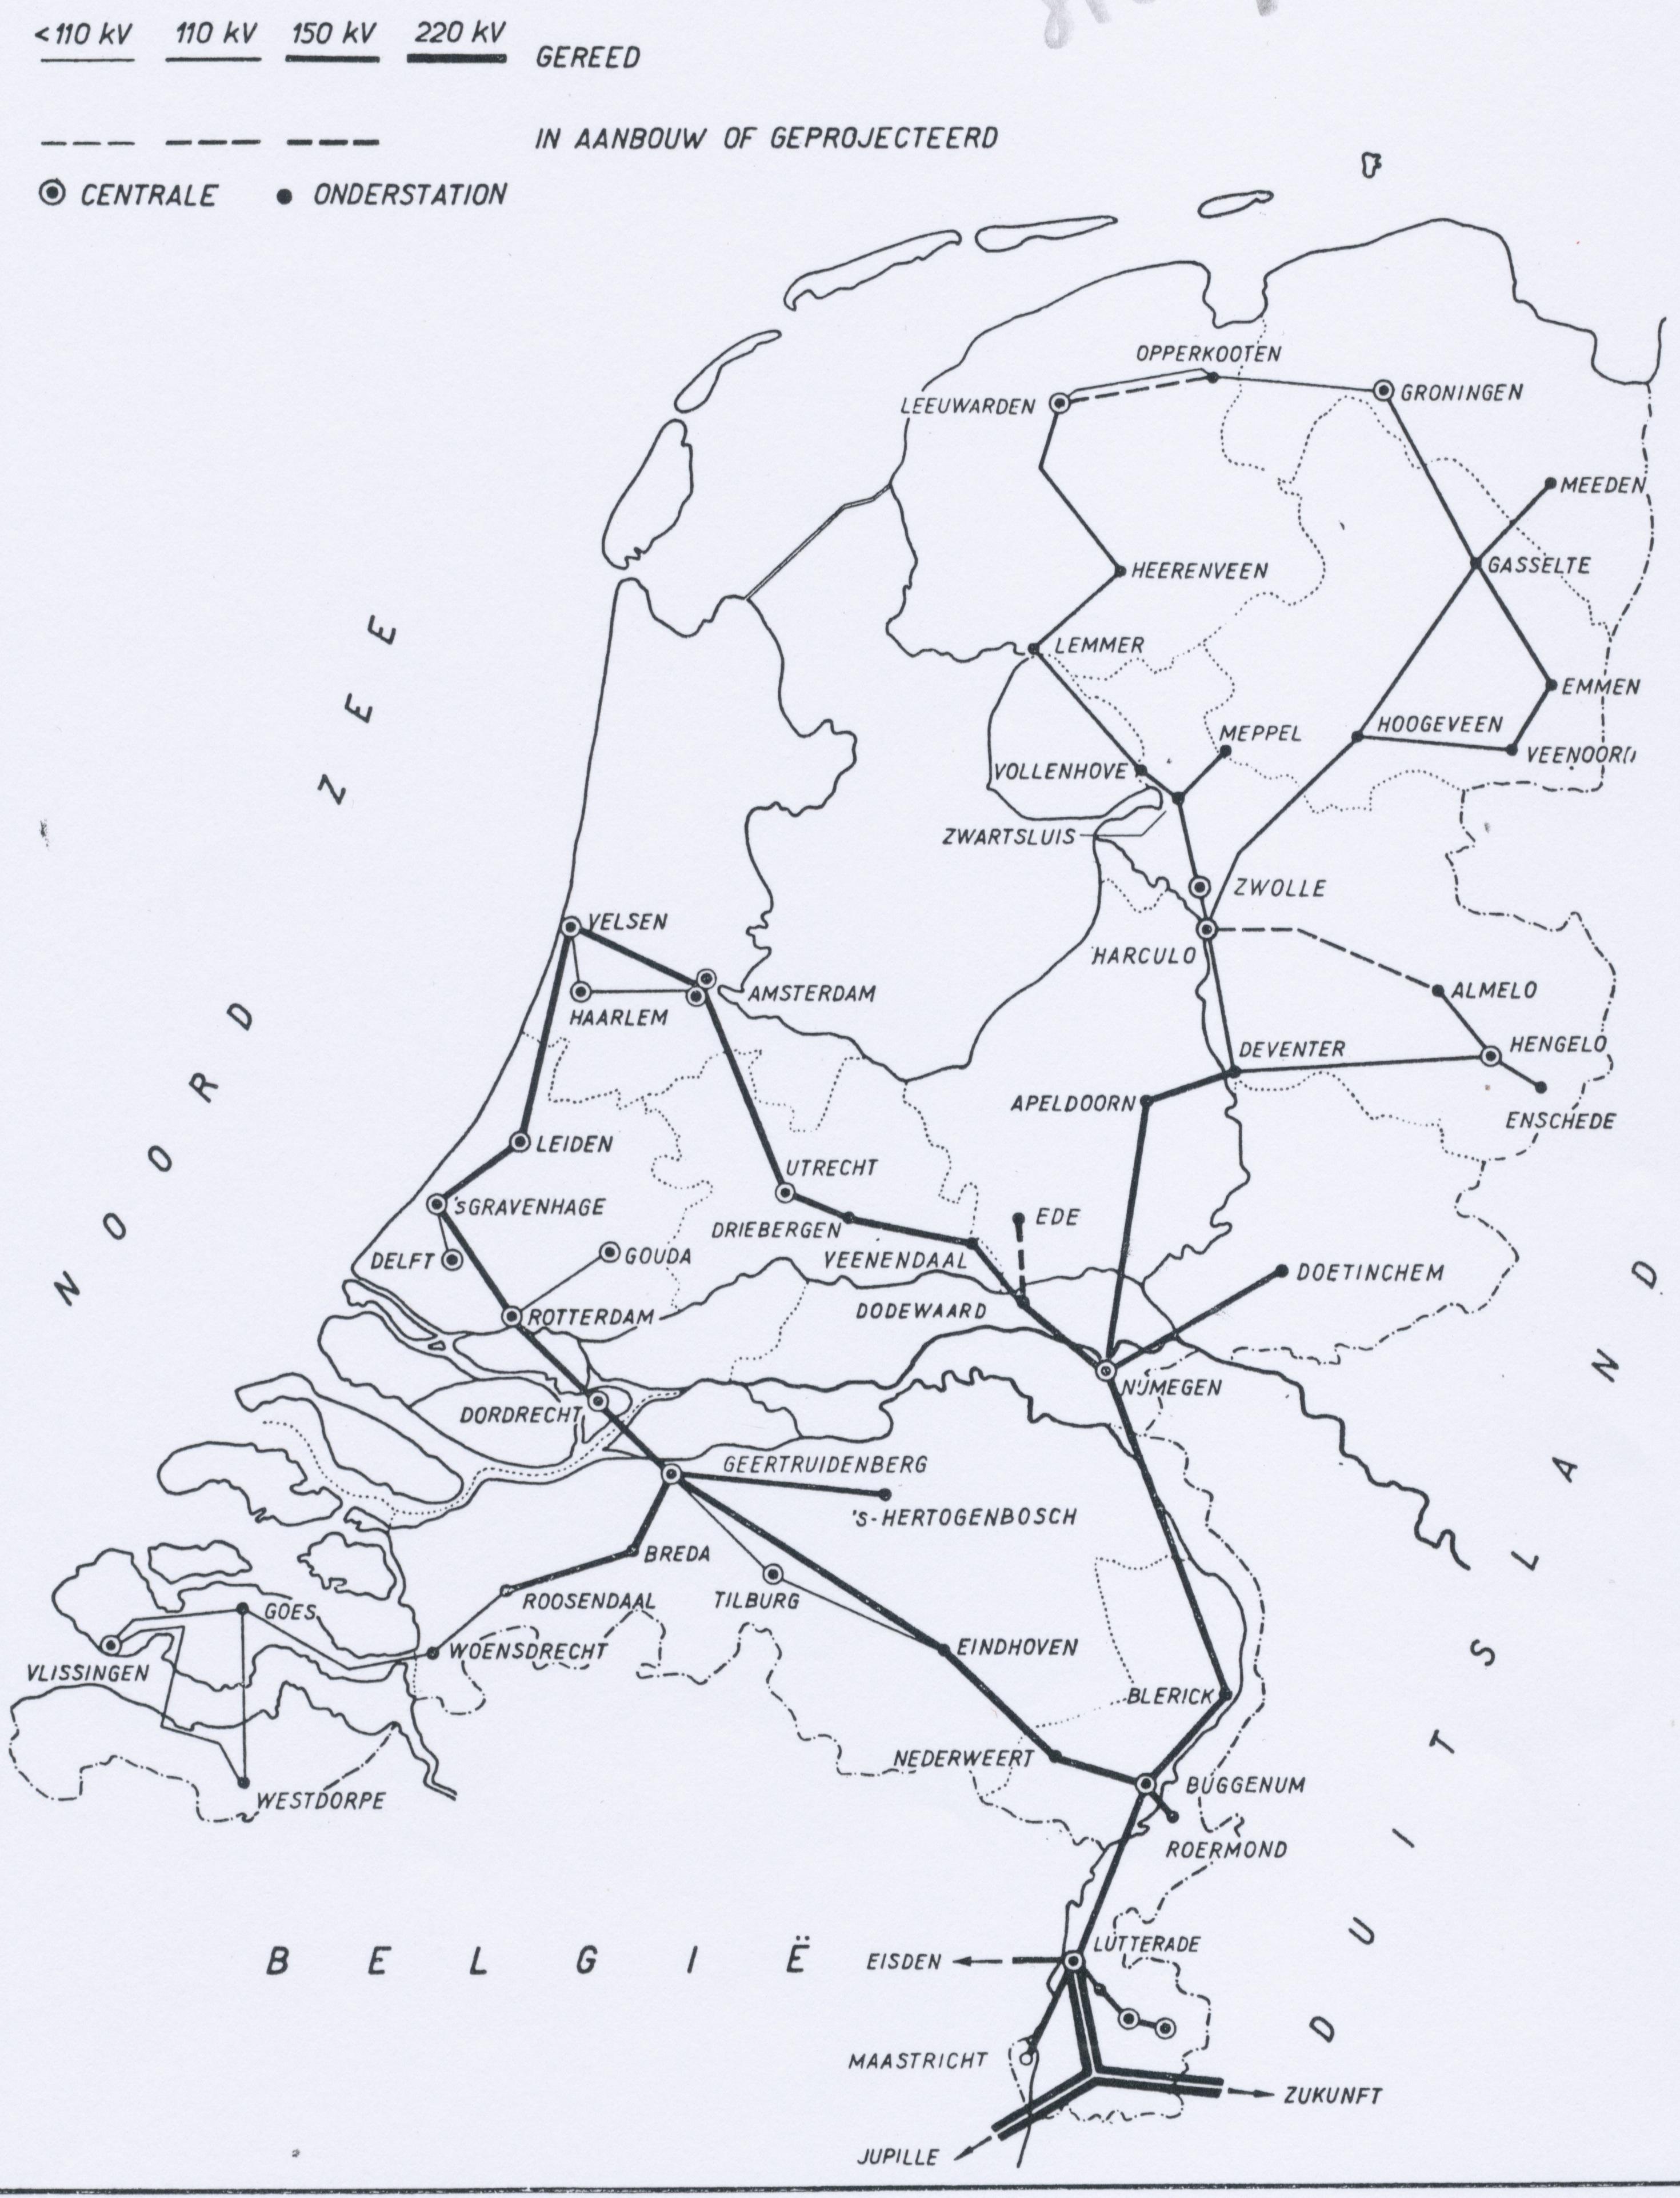 Netkaart 1955